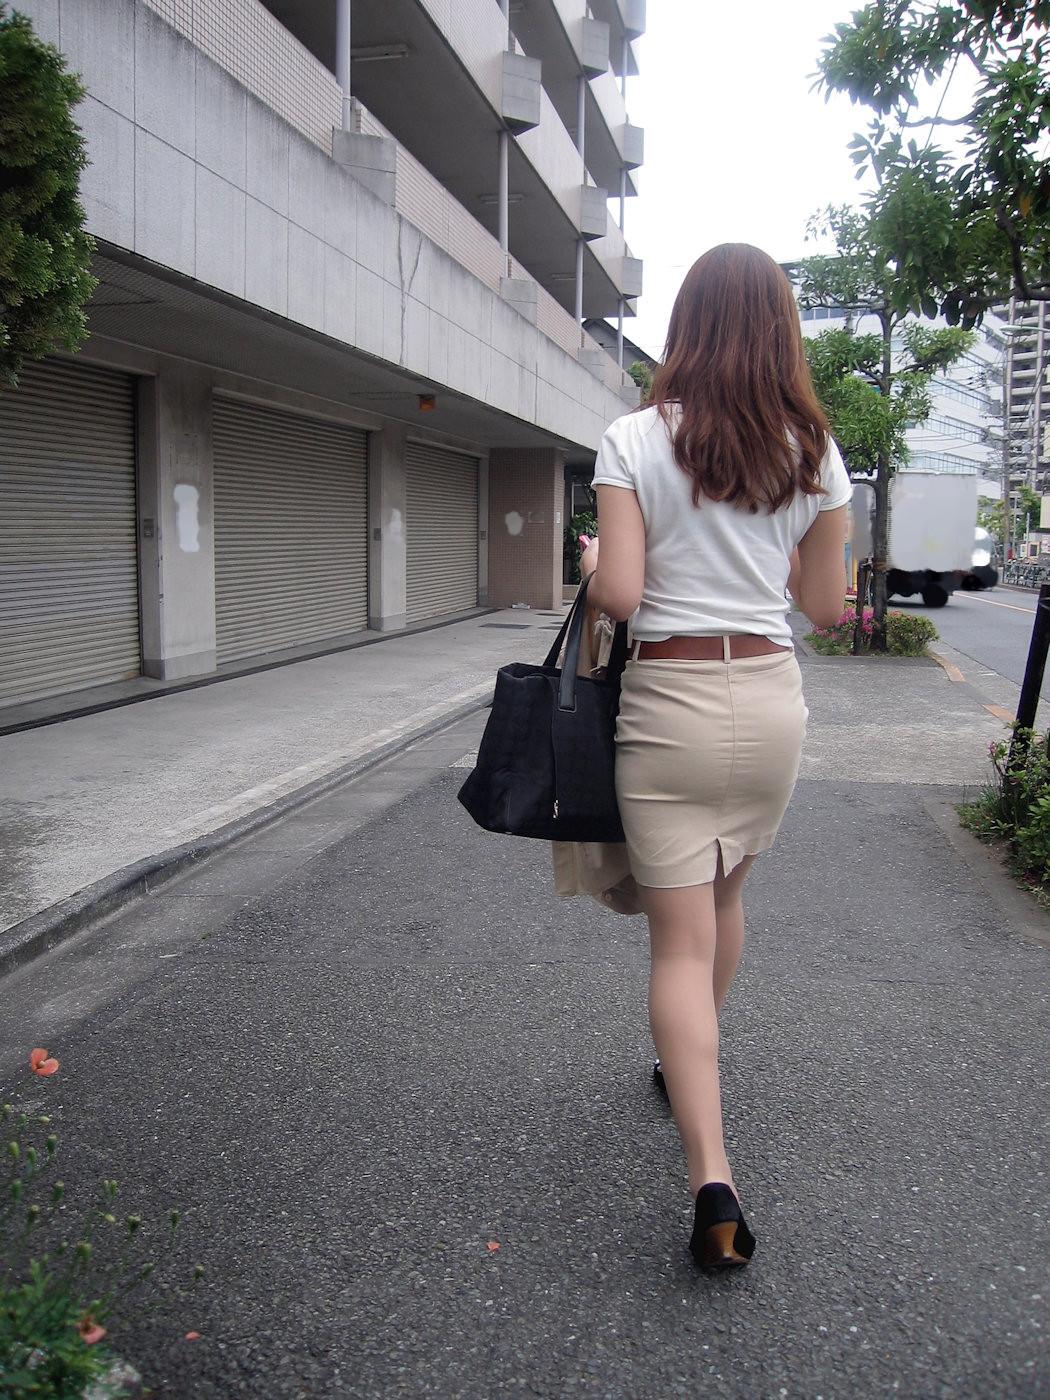 働く女性のお尻とか胸チラしてるOL画像くださいwwwwwwwwwwwwwwww NVz7lTf